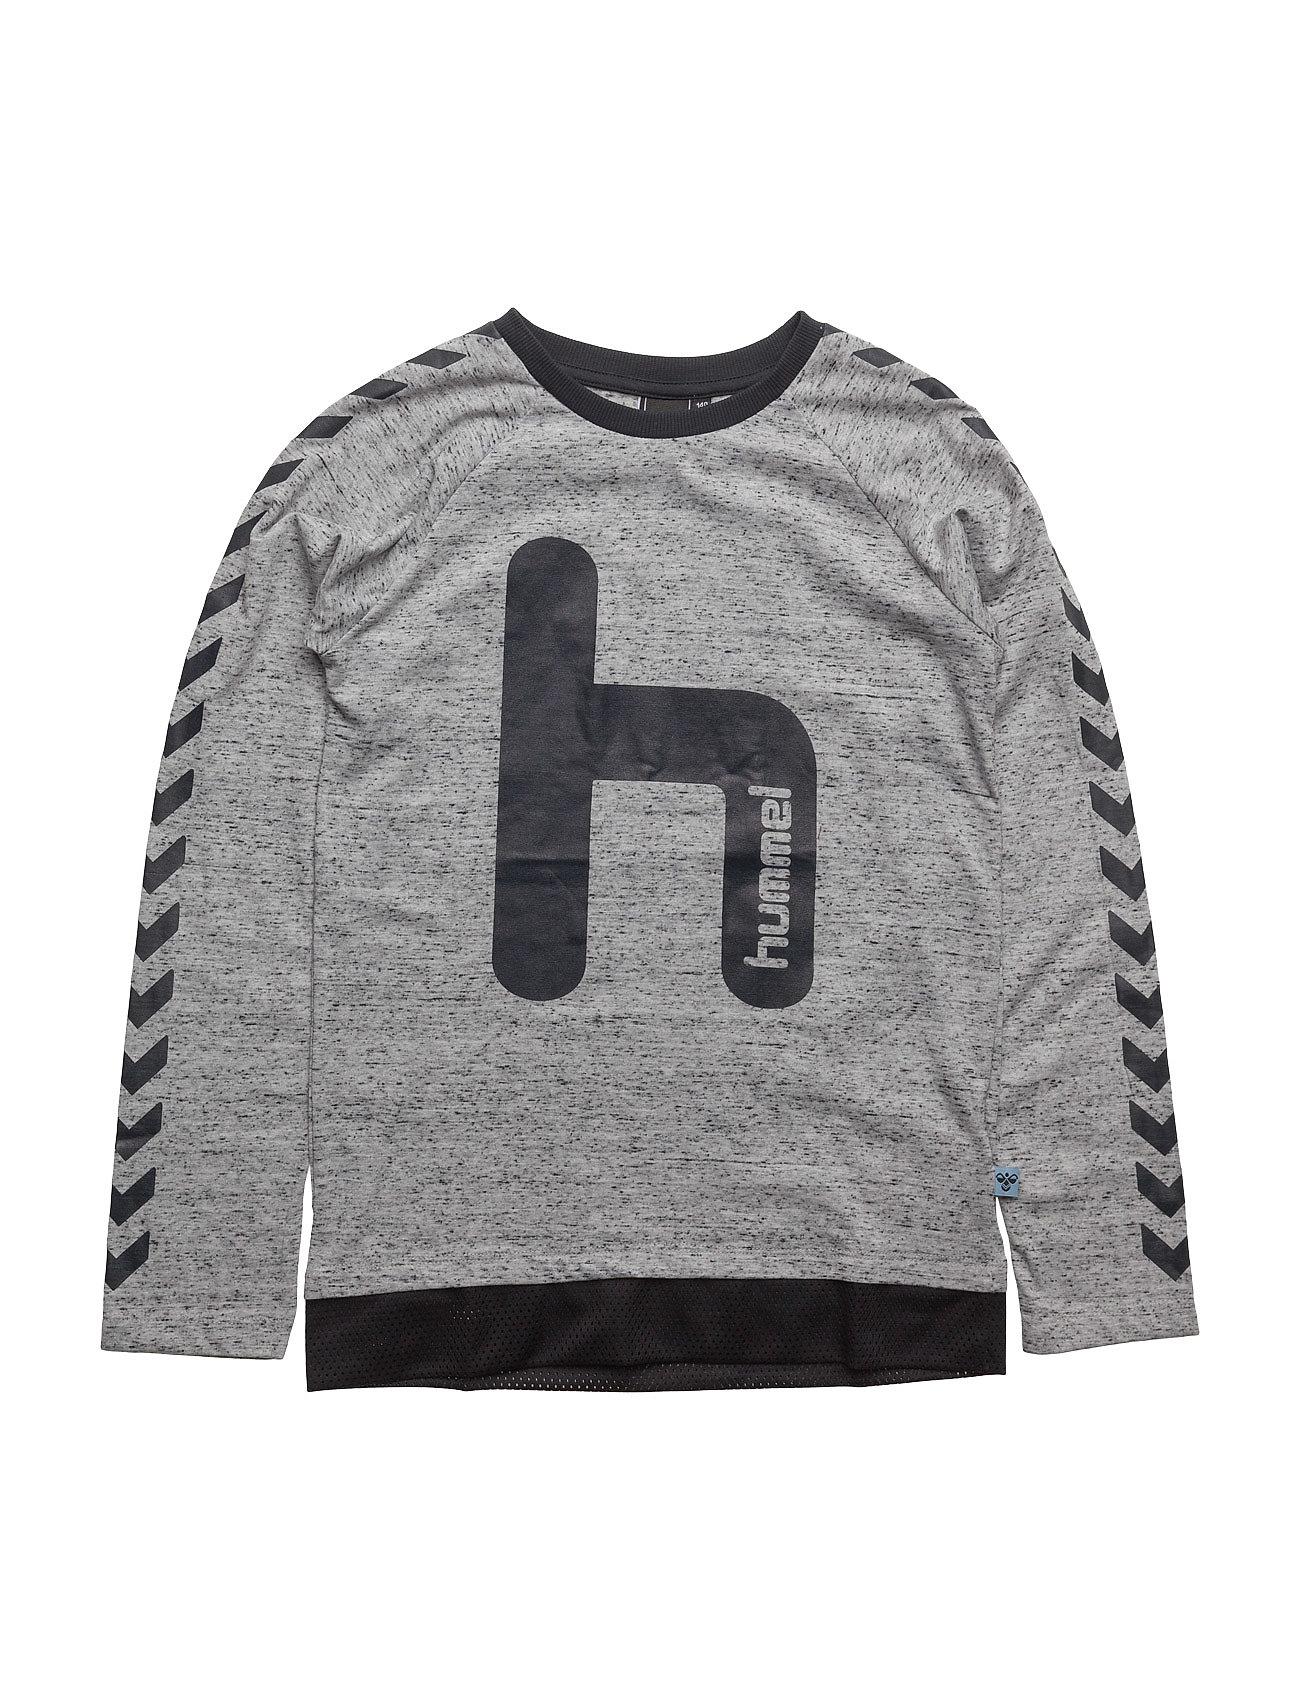 Hans Ls Tee Hummel Langærmede t-shirts til Børn i Grey Melange